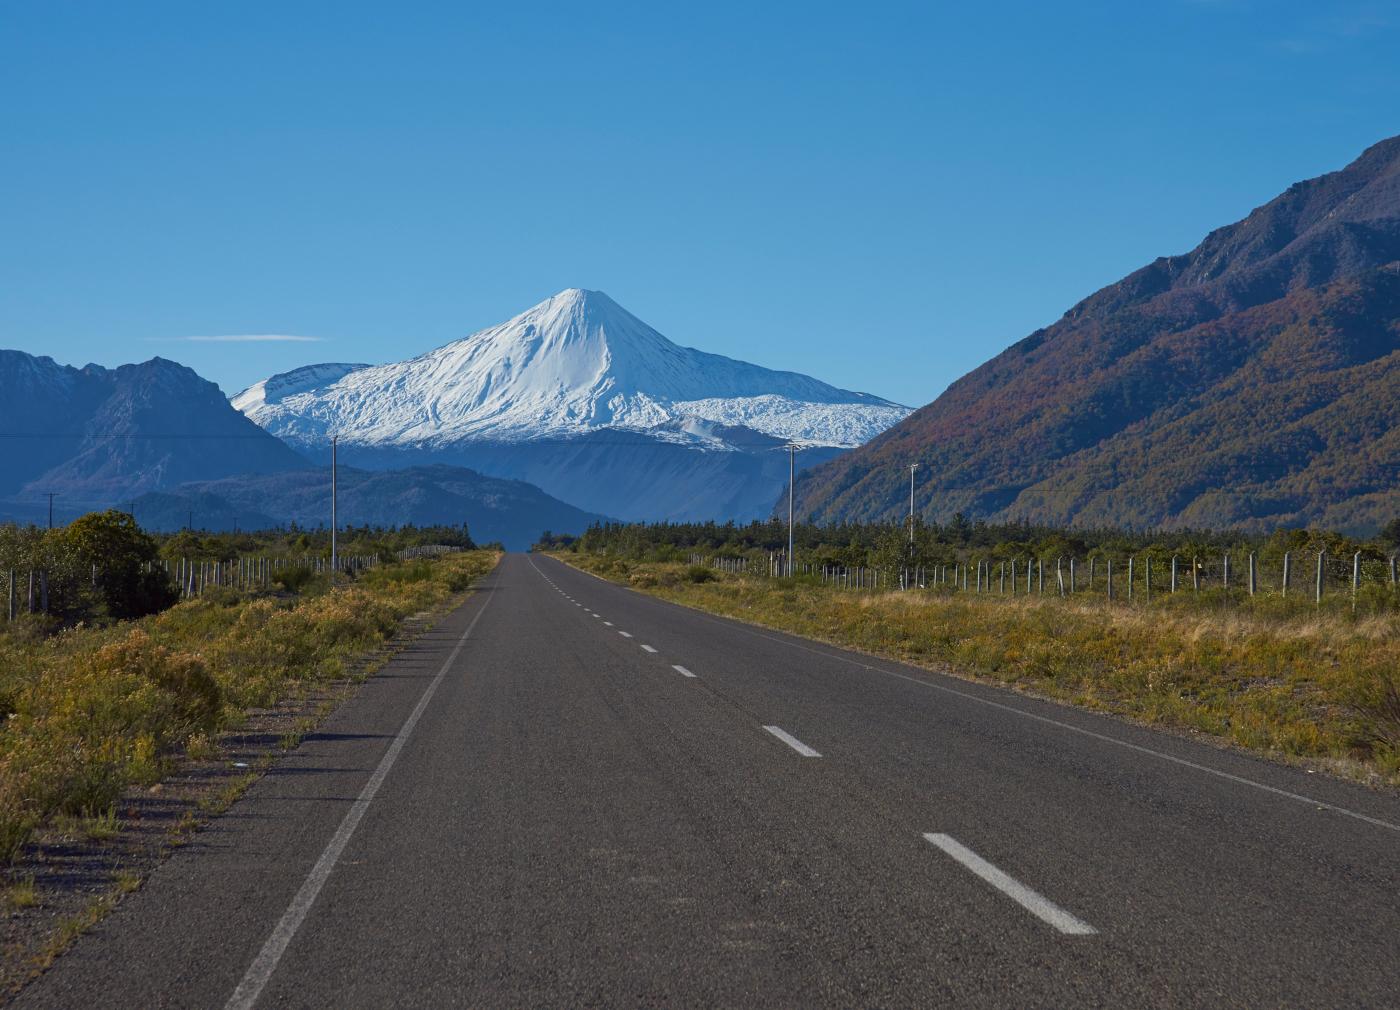 Imagen del Volcan Antuco